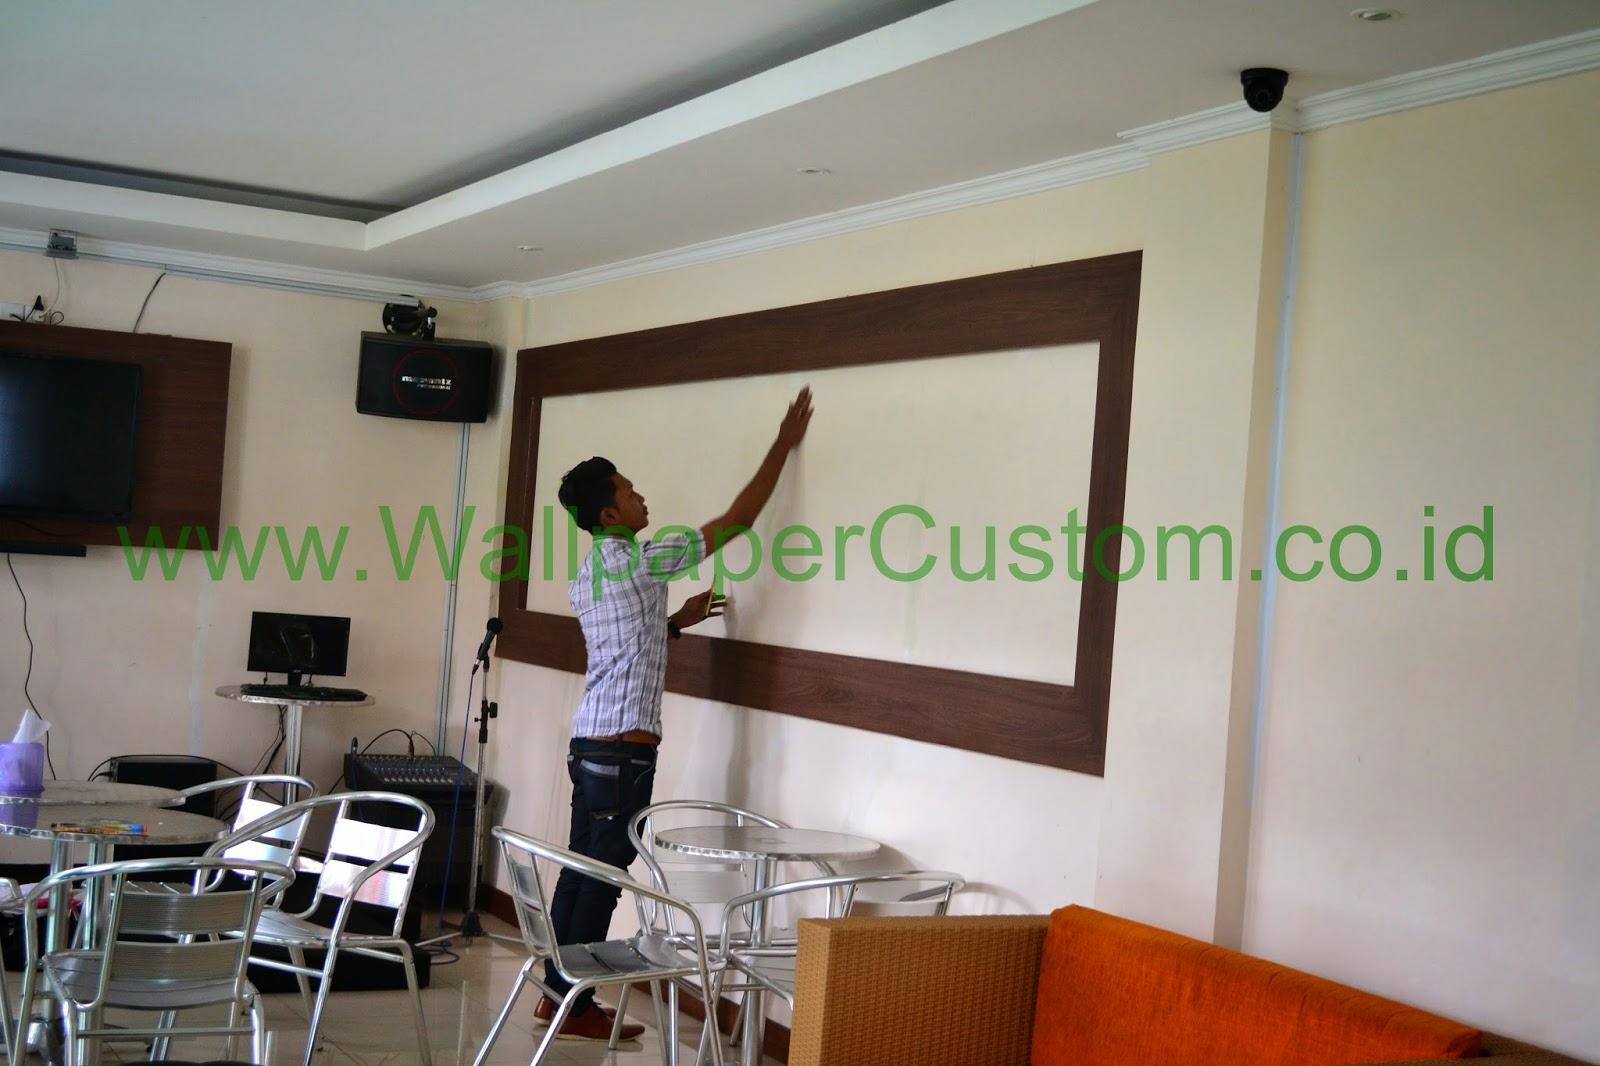 Harga Wallpaper Dinding 3d Di Jakarta Harga Wallpaper Dinding Murah